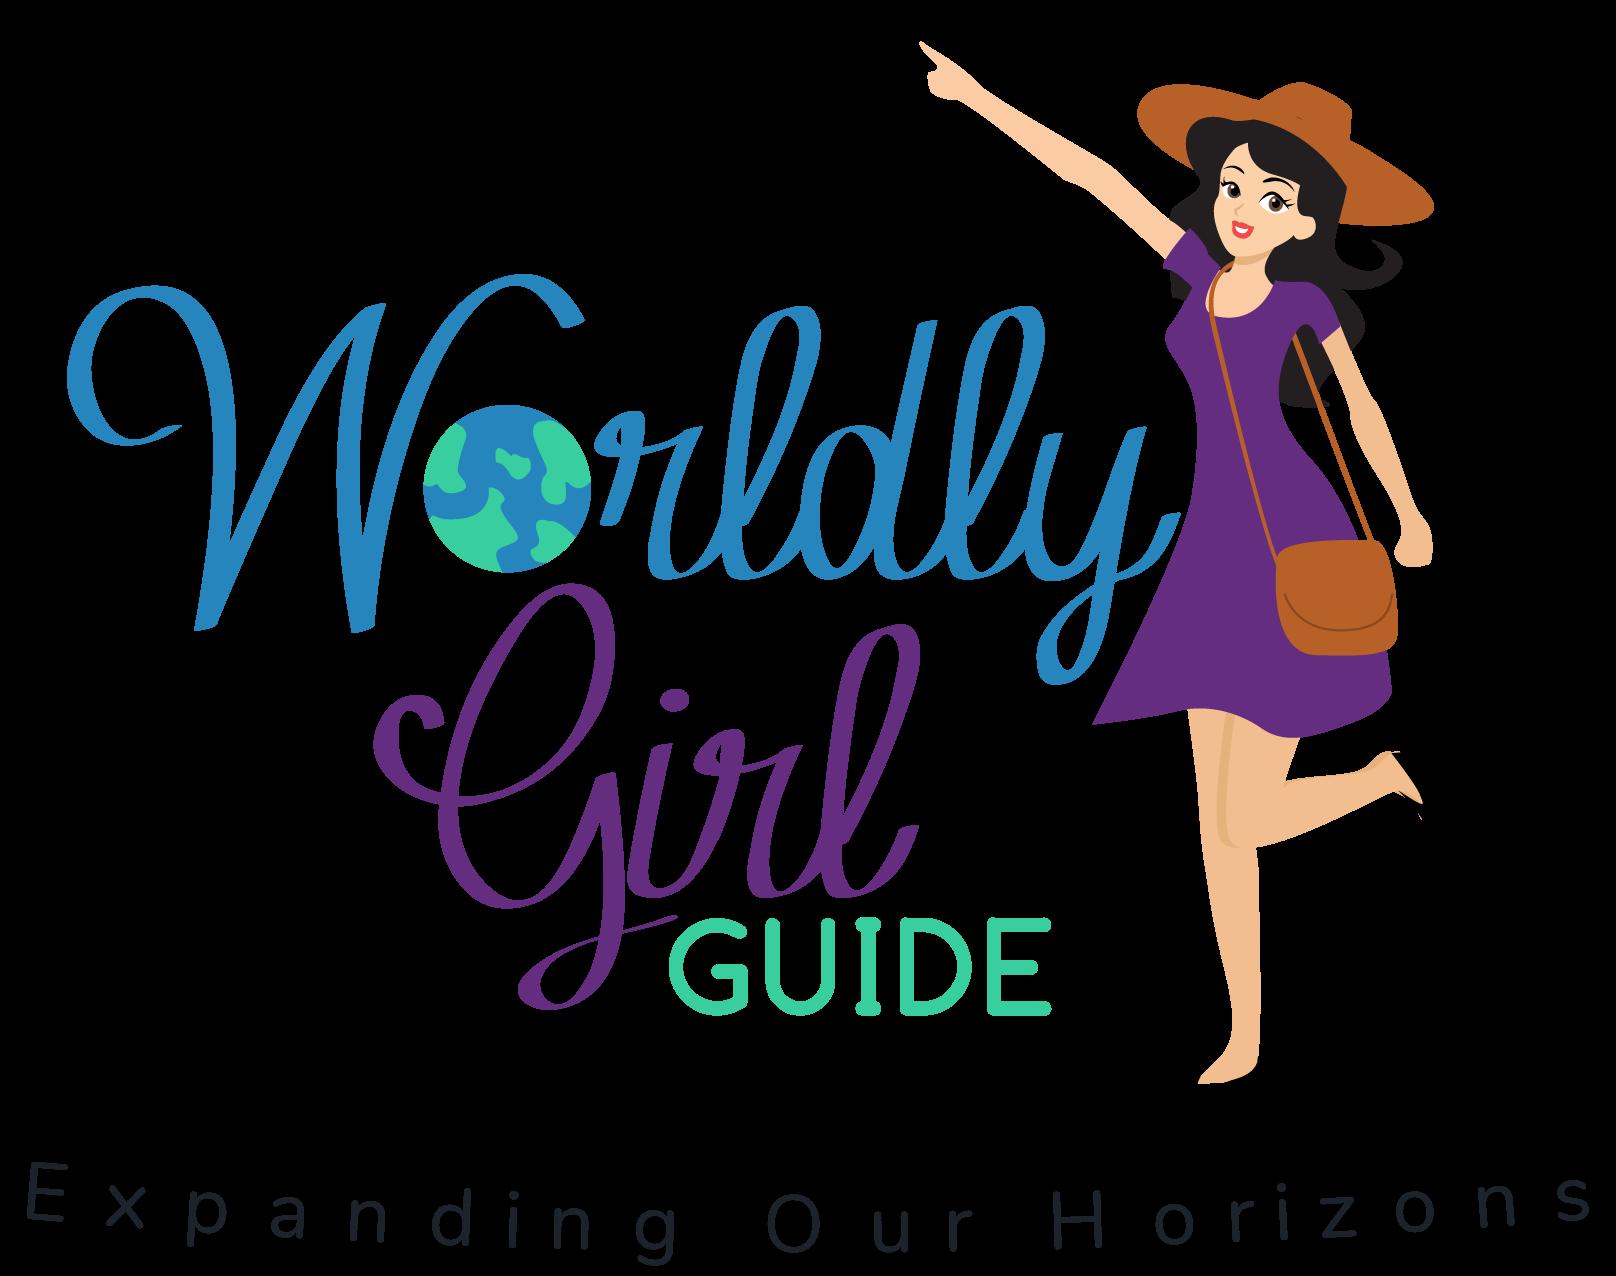 Worldly Girl Guide